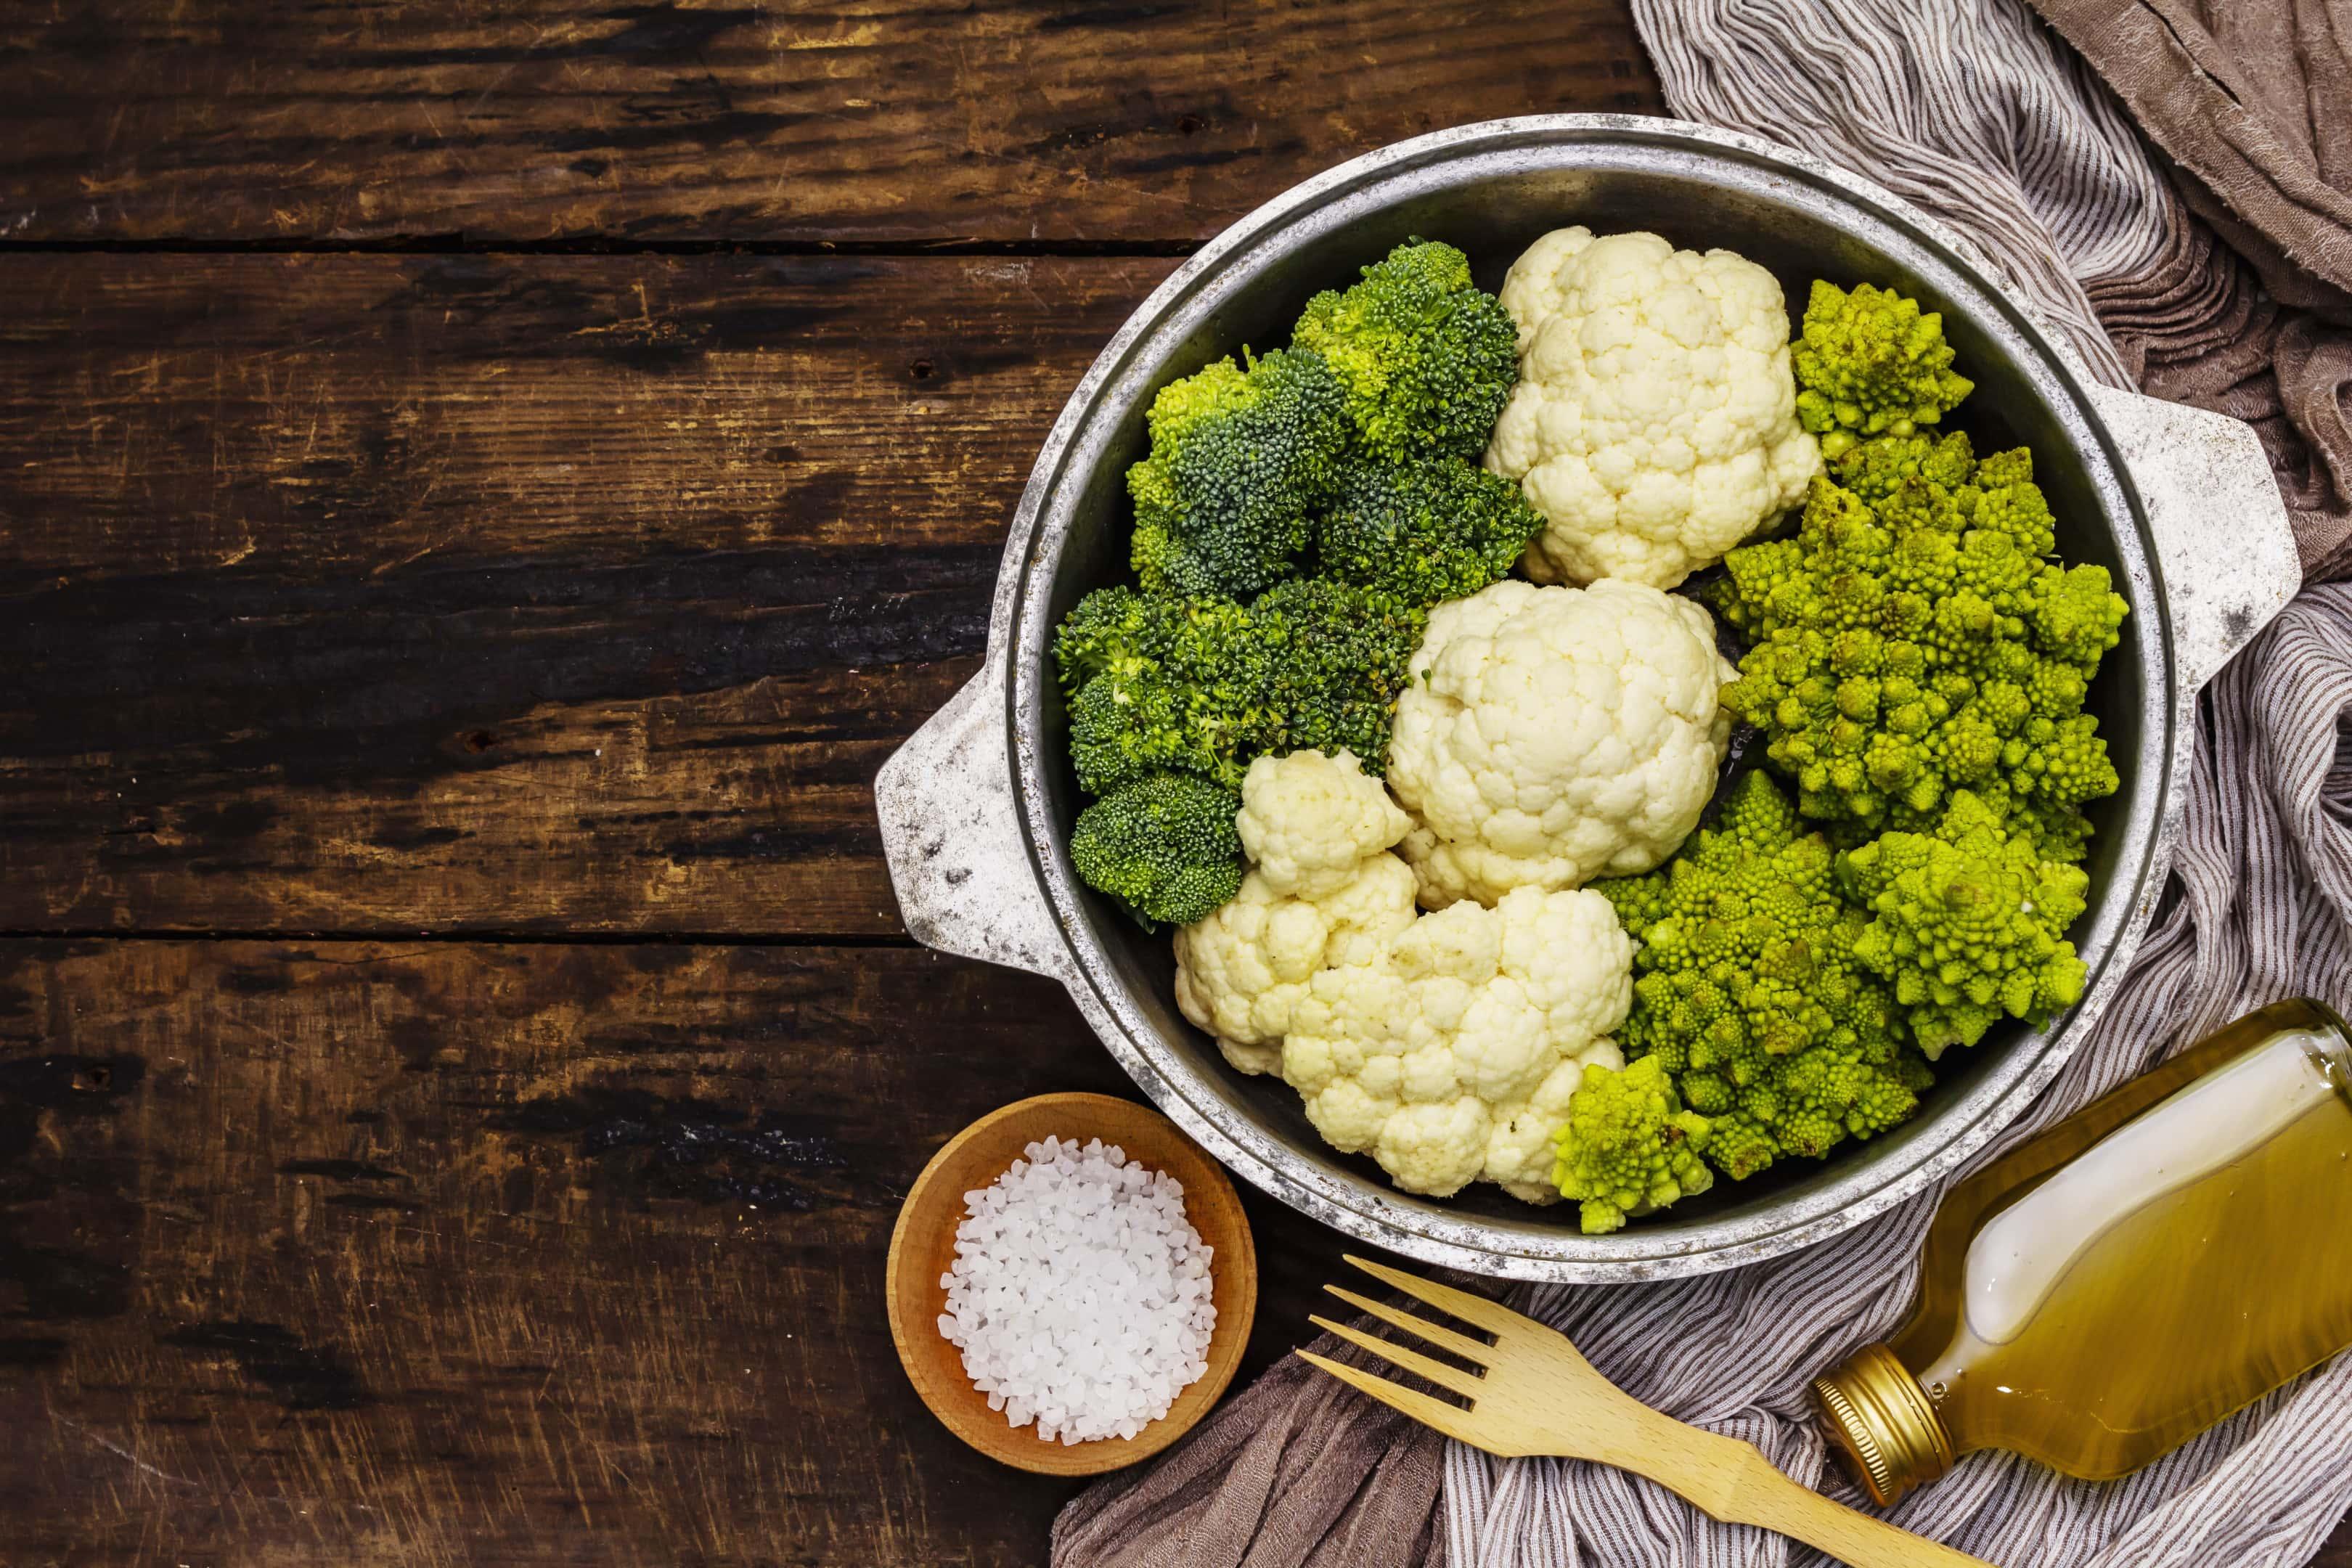 Broccoli, romanesco and cauliflower in a pen